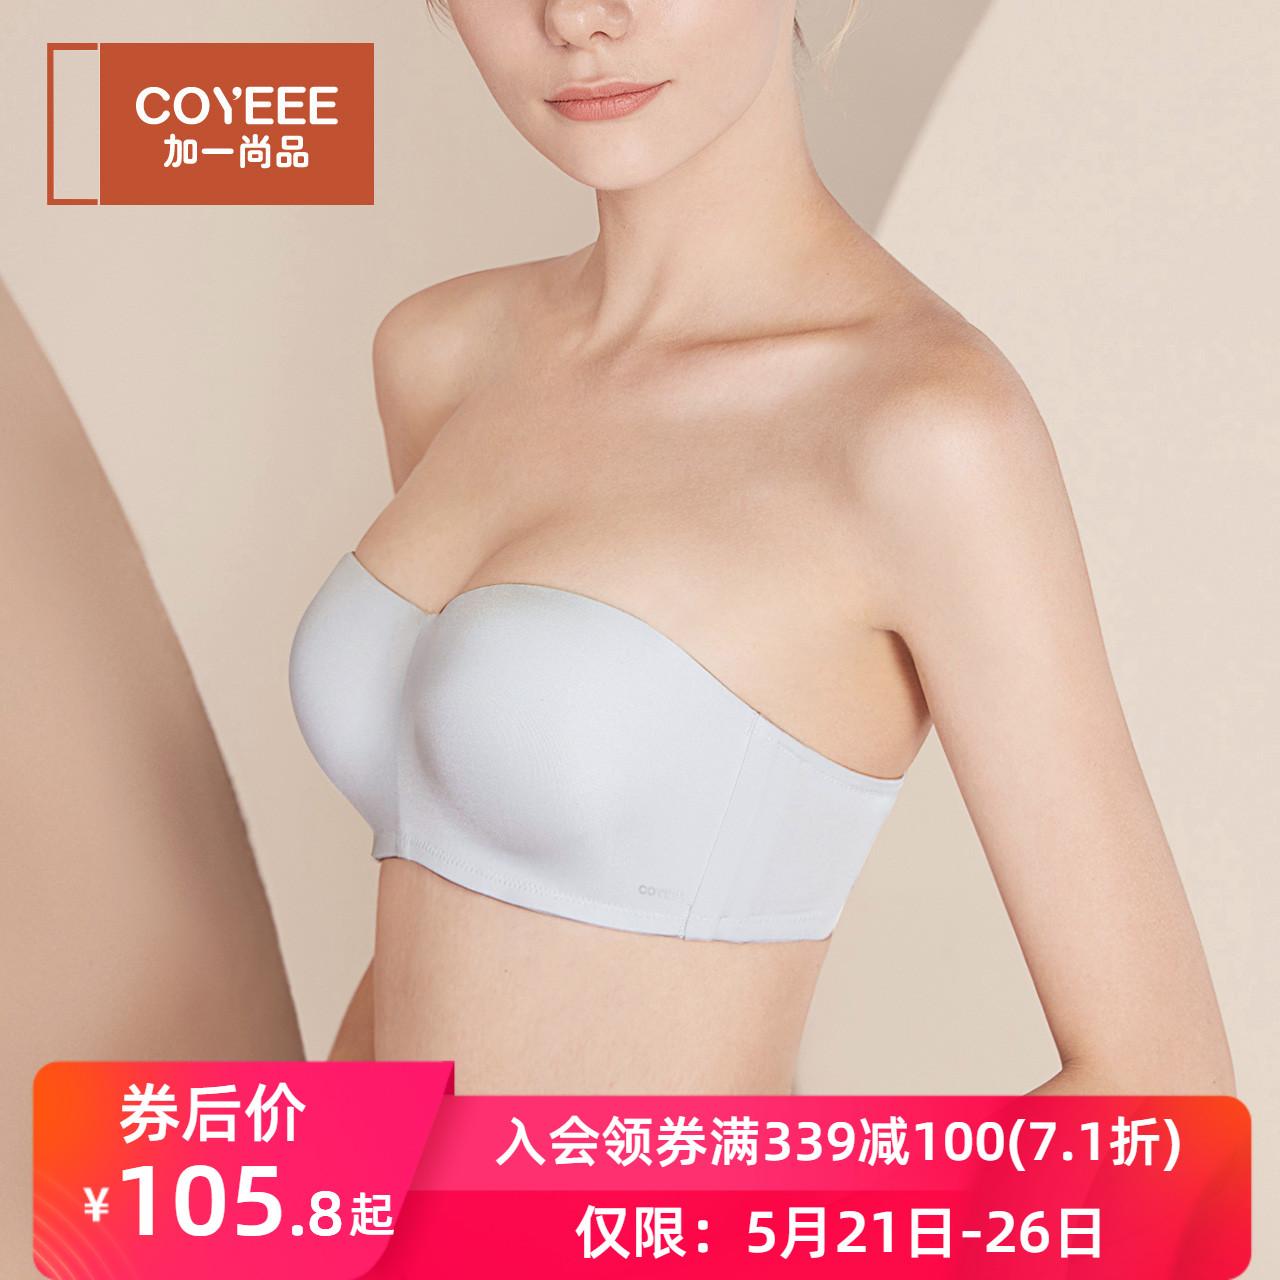 加一尚品无钢圈半杯文胸女 无痕隐形无肩带防滑大胸大杯内衣M55